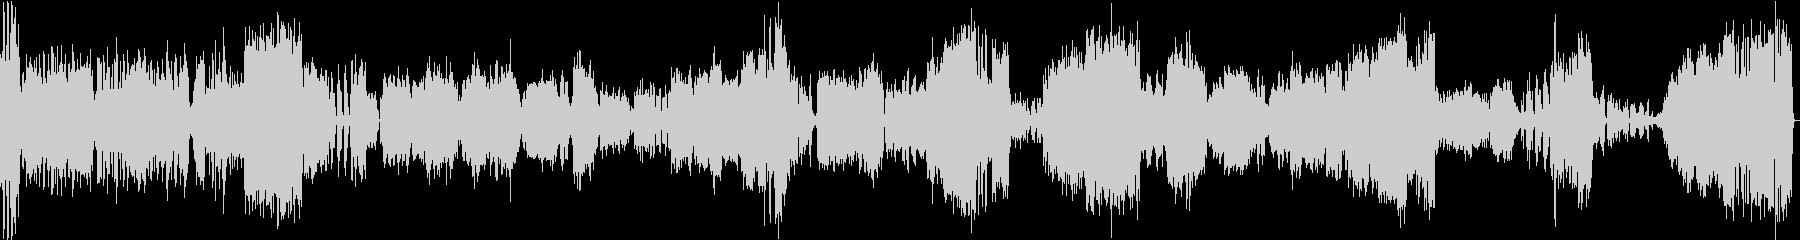 ピアノ協奏曲1番(チャイコフスキー)の未再生の波形